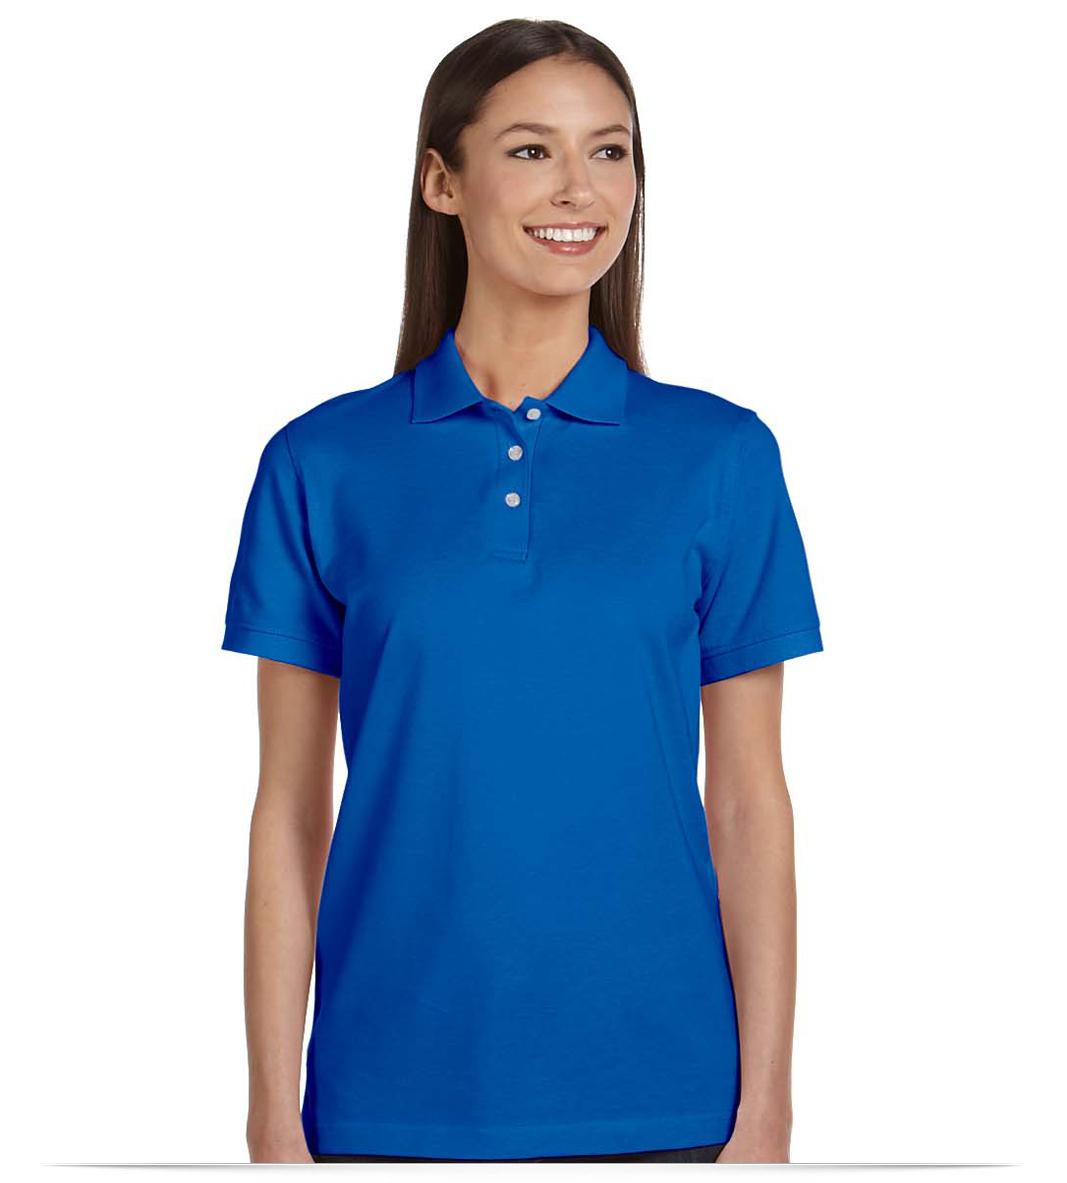 AllStar Logo Custom Polo Shirt For Women